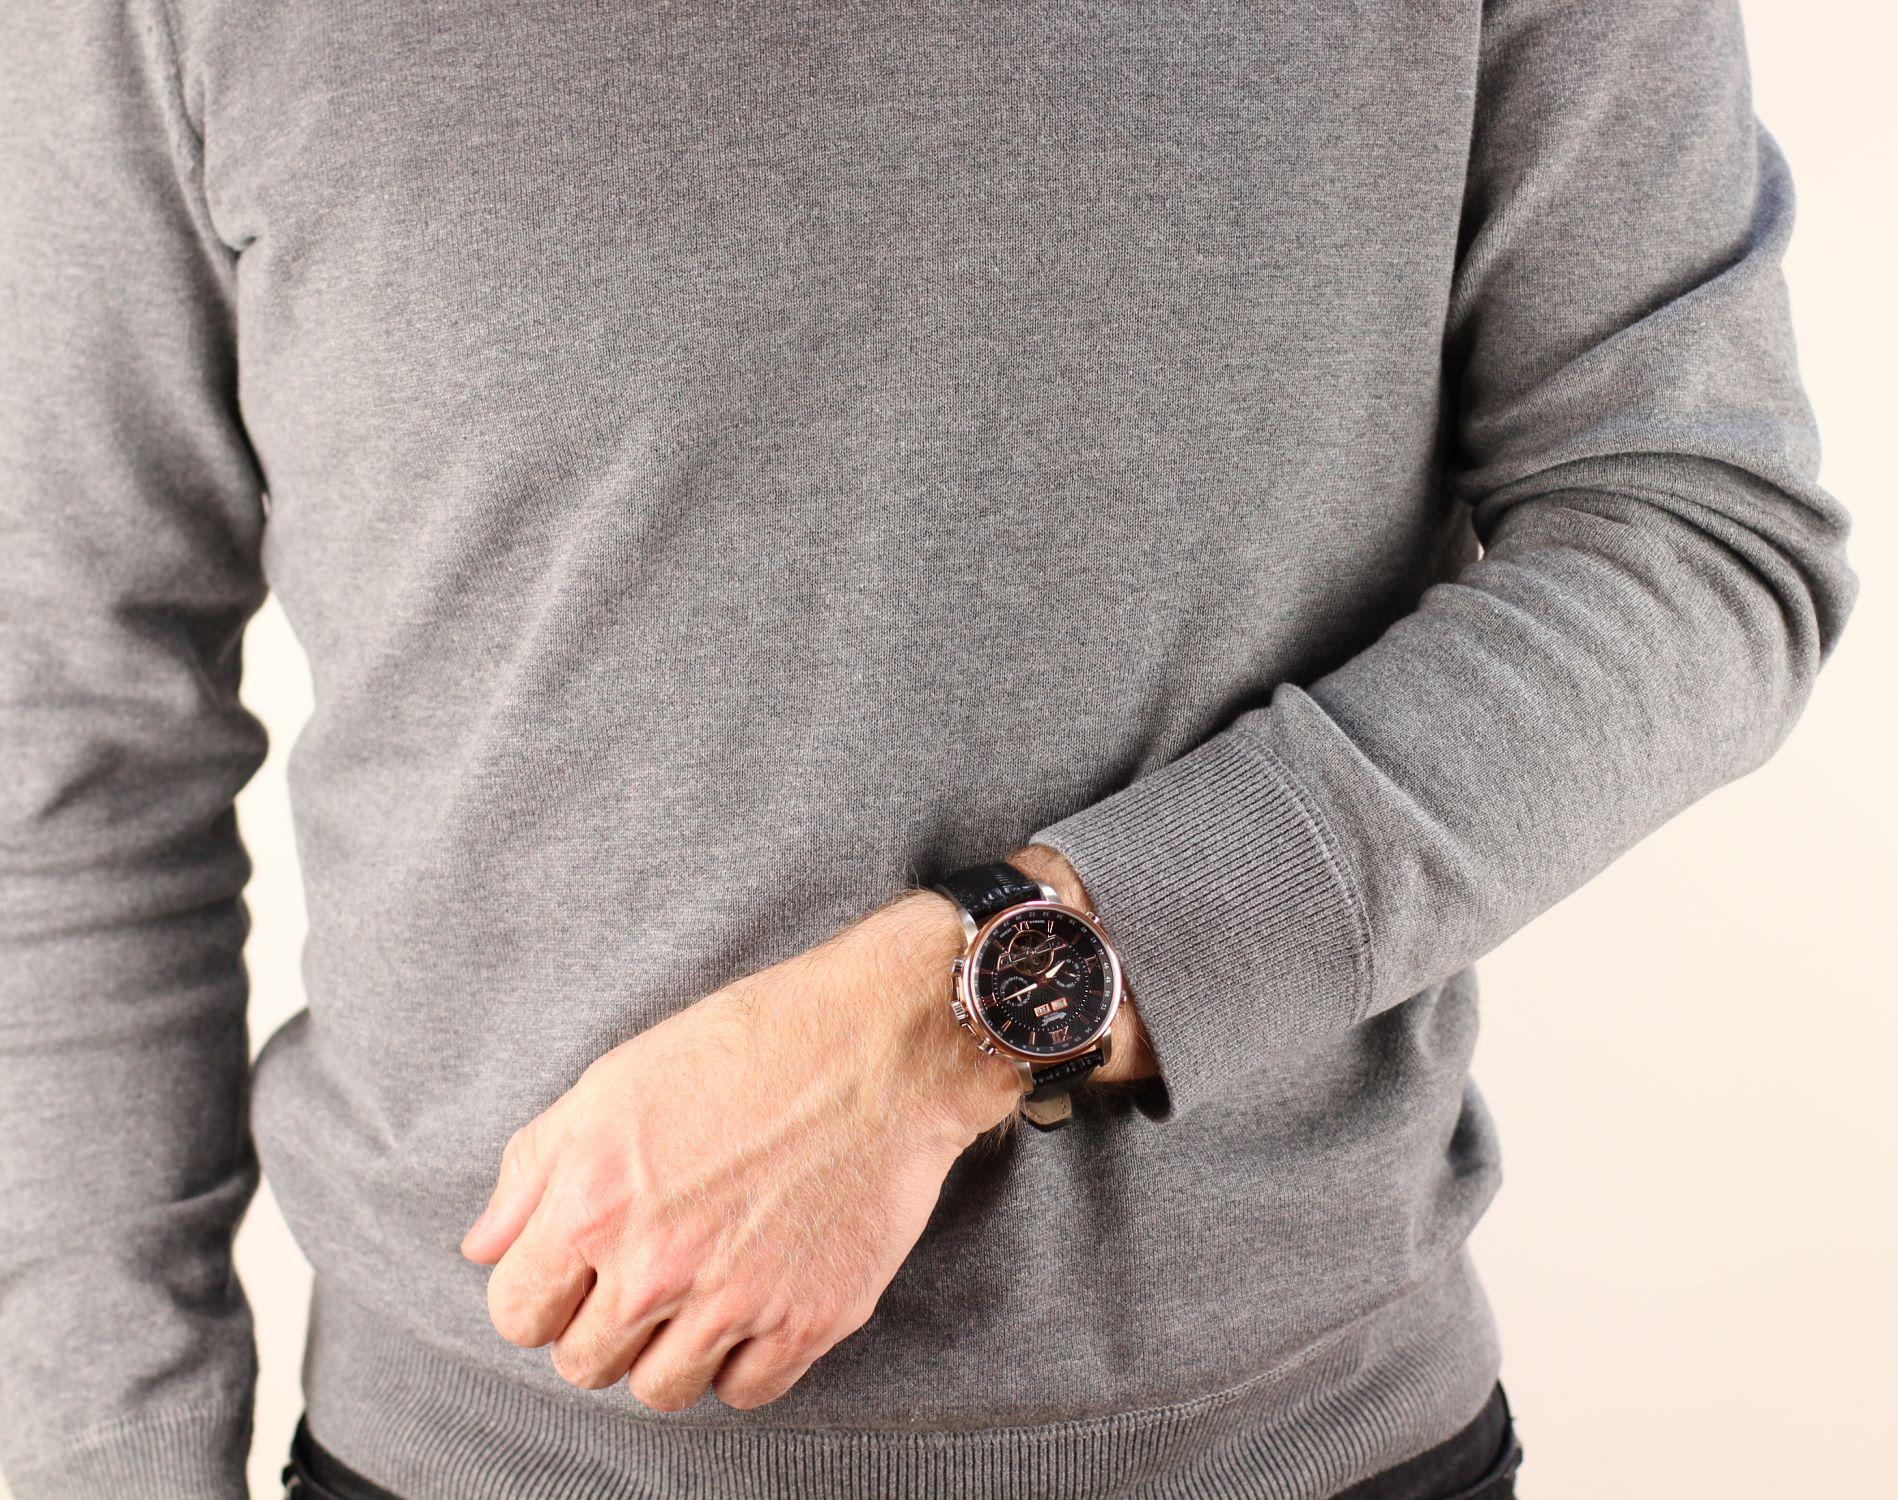 Armbanduhr als Weihnachtsgeschenk